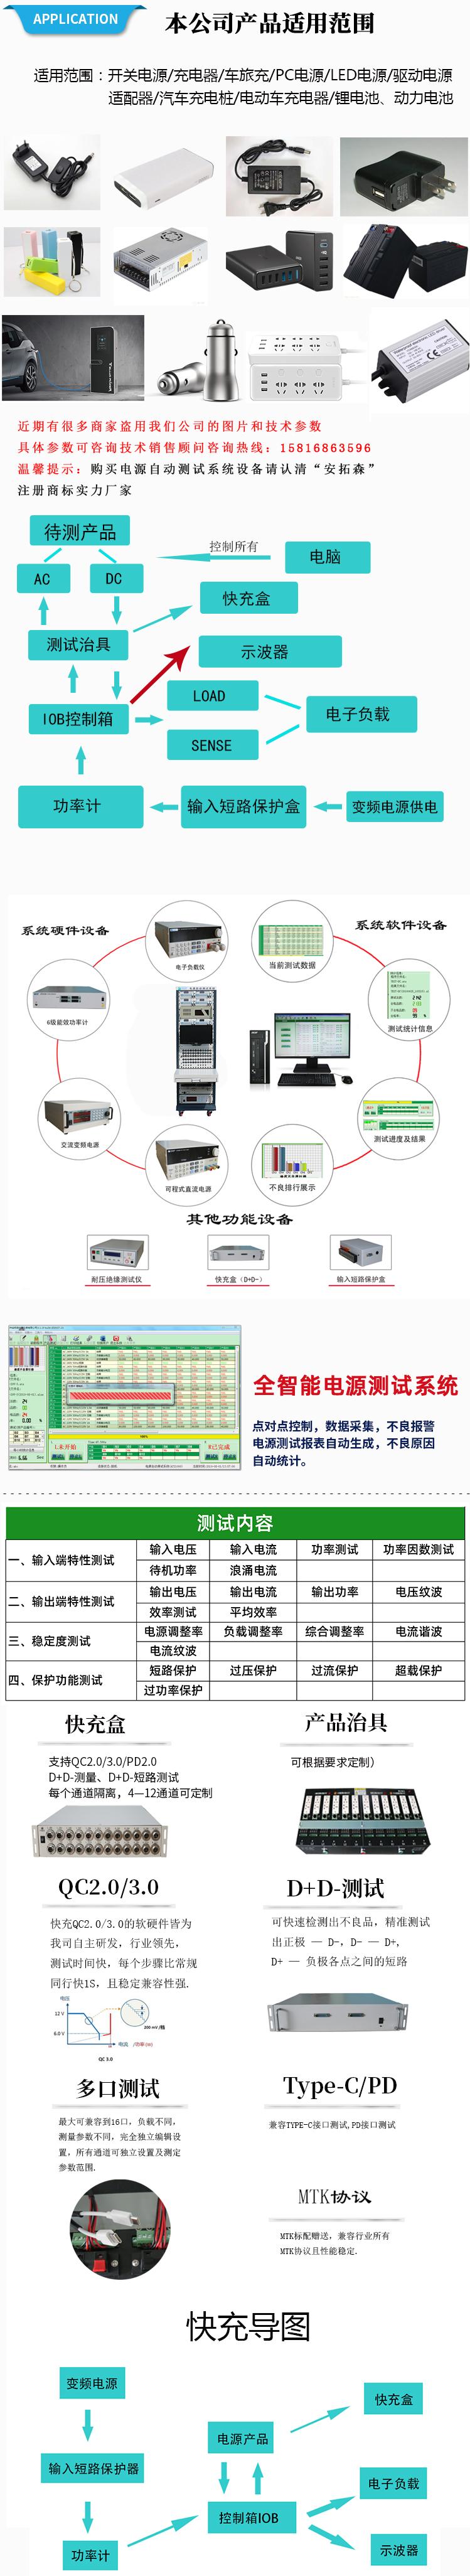 开关电源测试系统细节展示